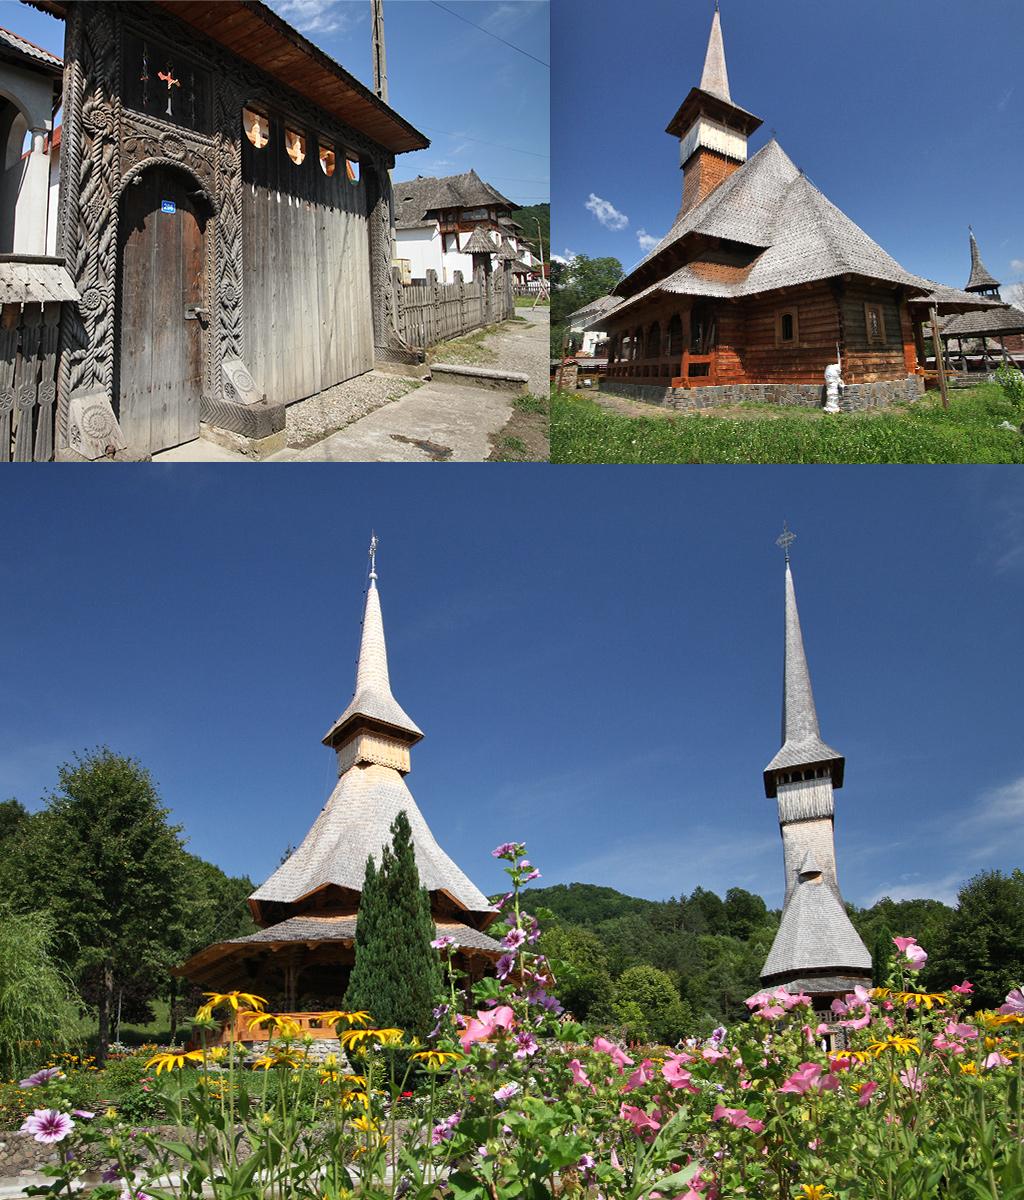 houten poorten en kerken Maramures